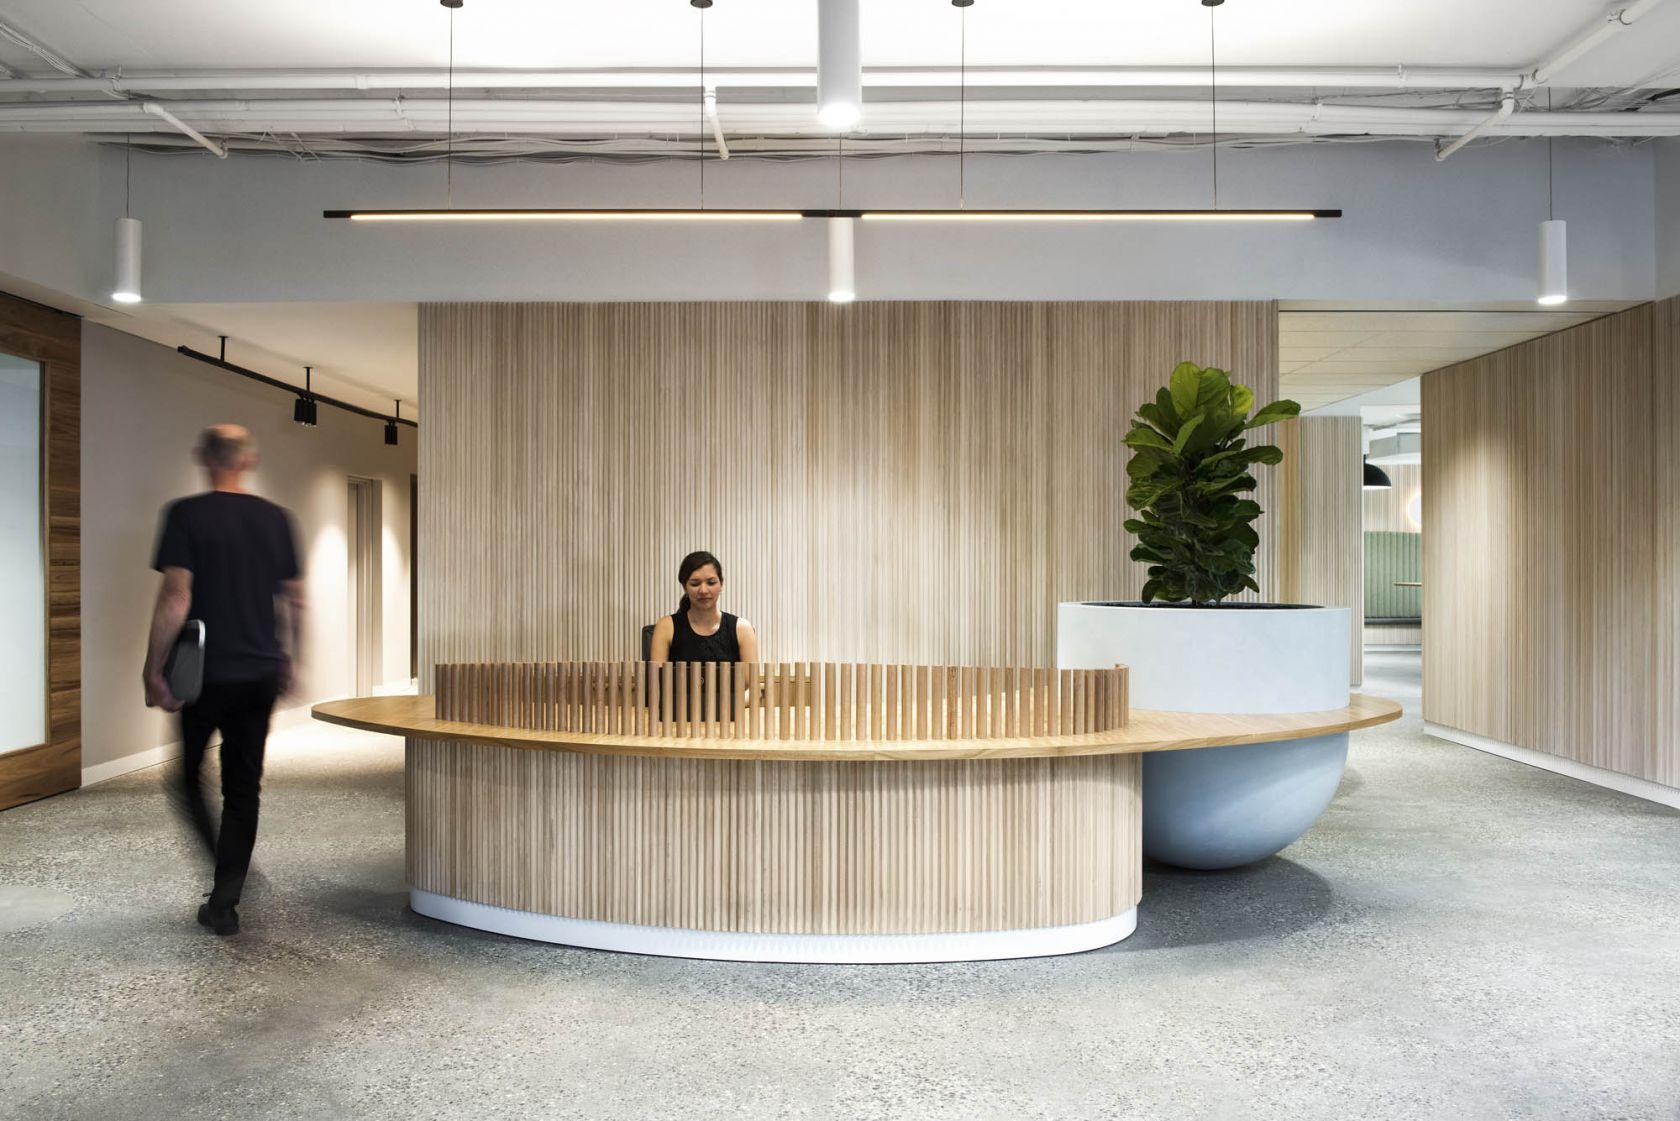 7-eleven-reception-melbourne-richmond-commercial-fitout-schiavello-construction